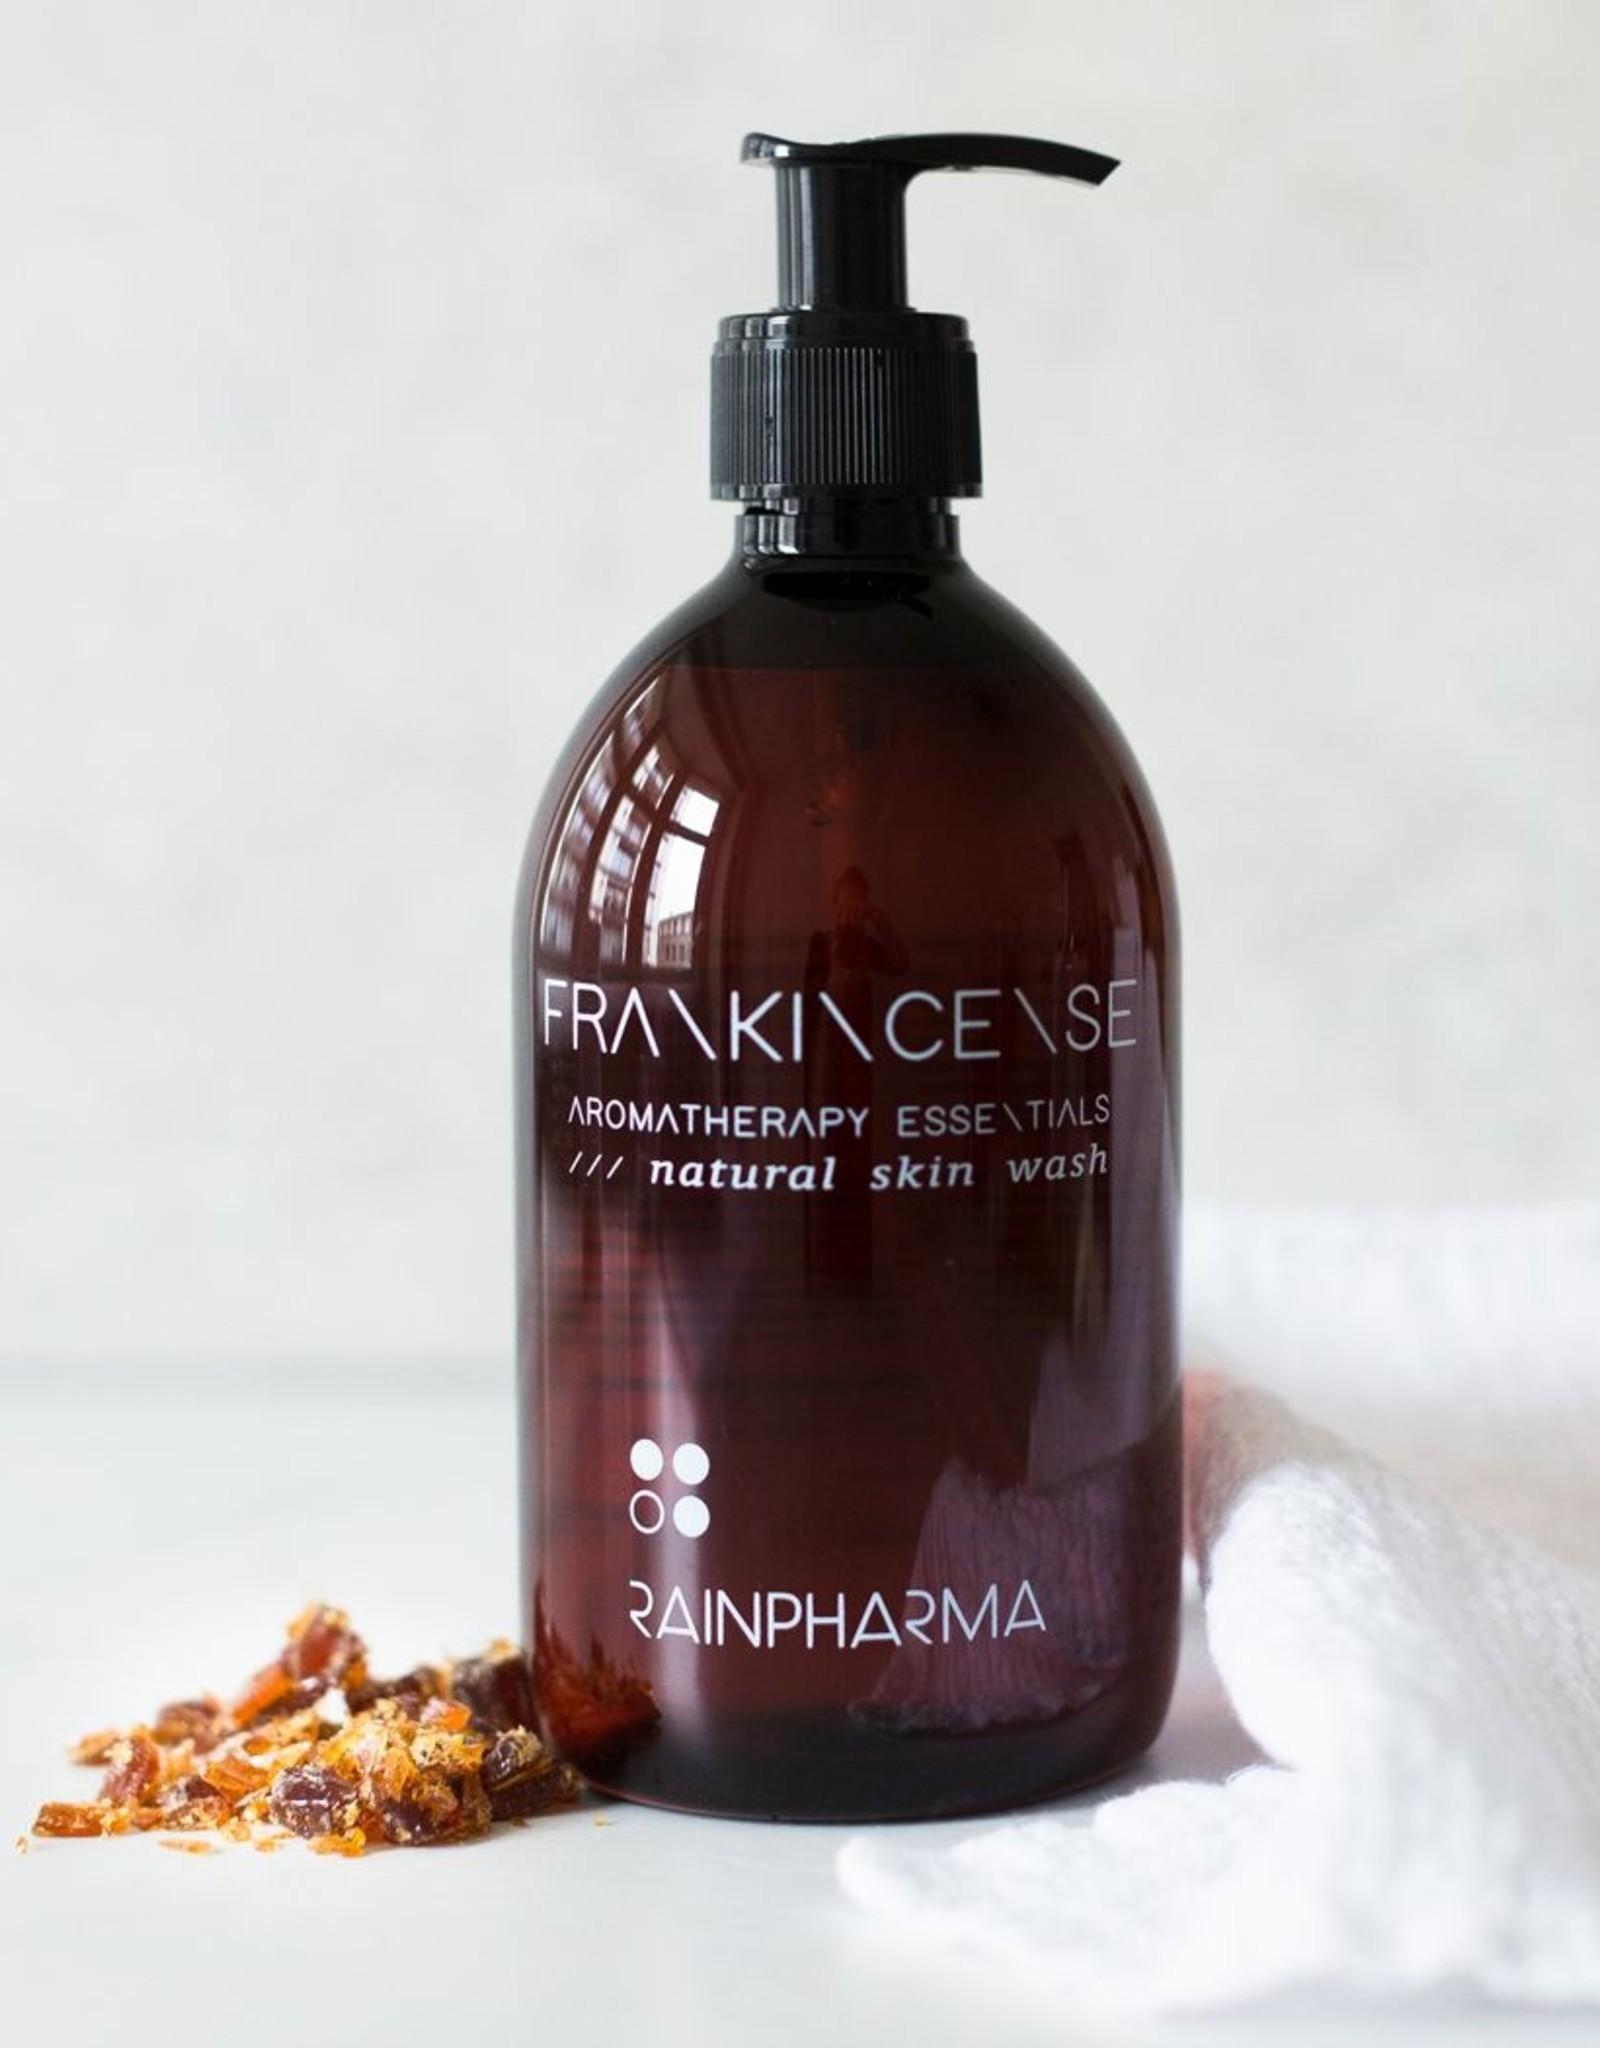 RainPharma Skin Wash Frankincense 500ml - Rainpharma